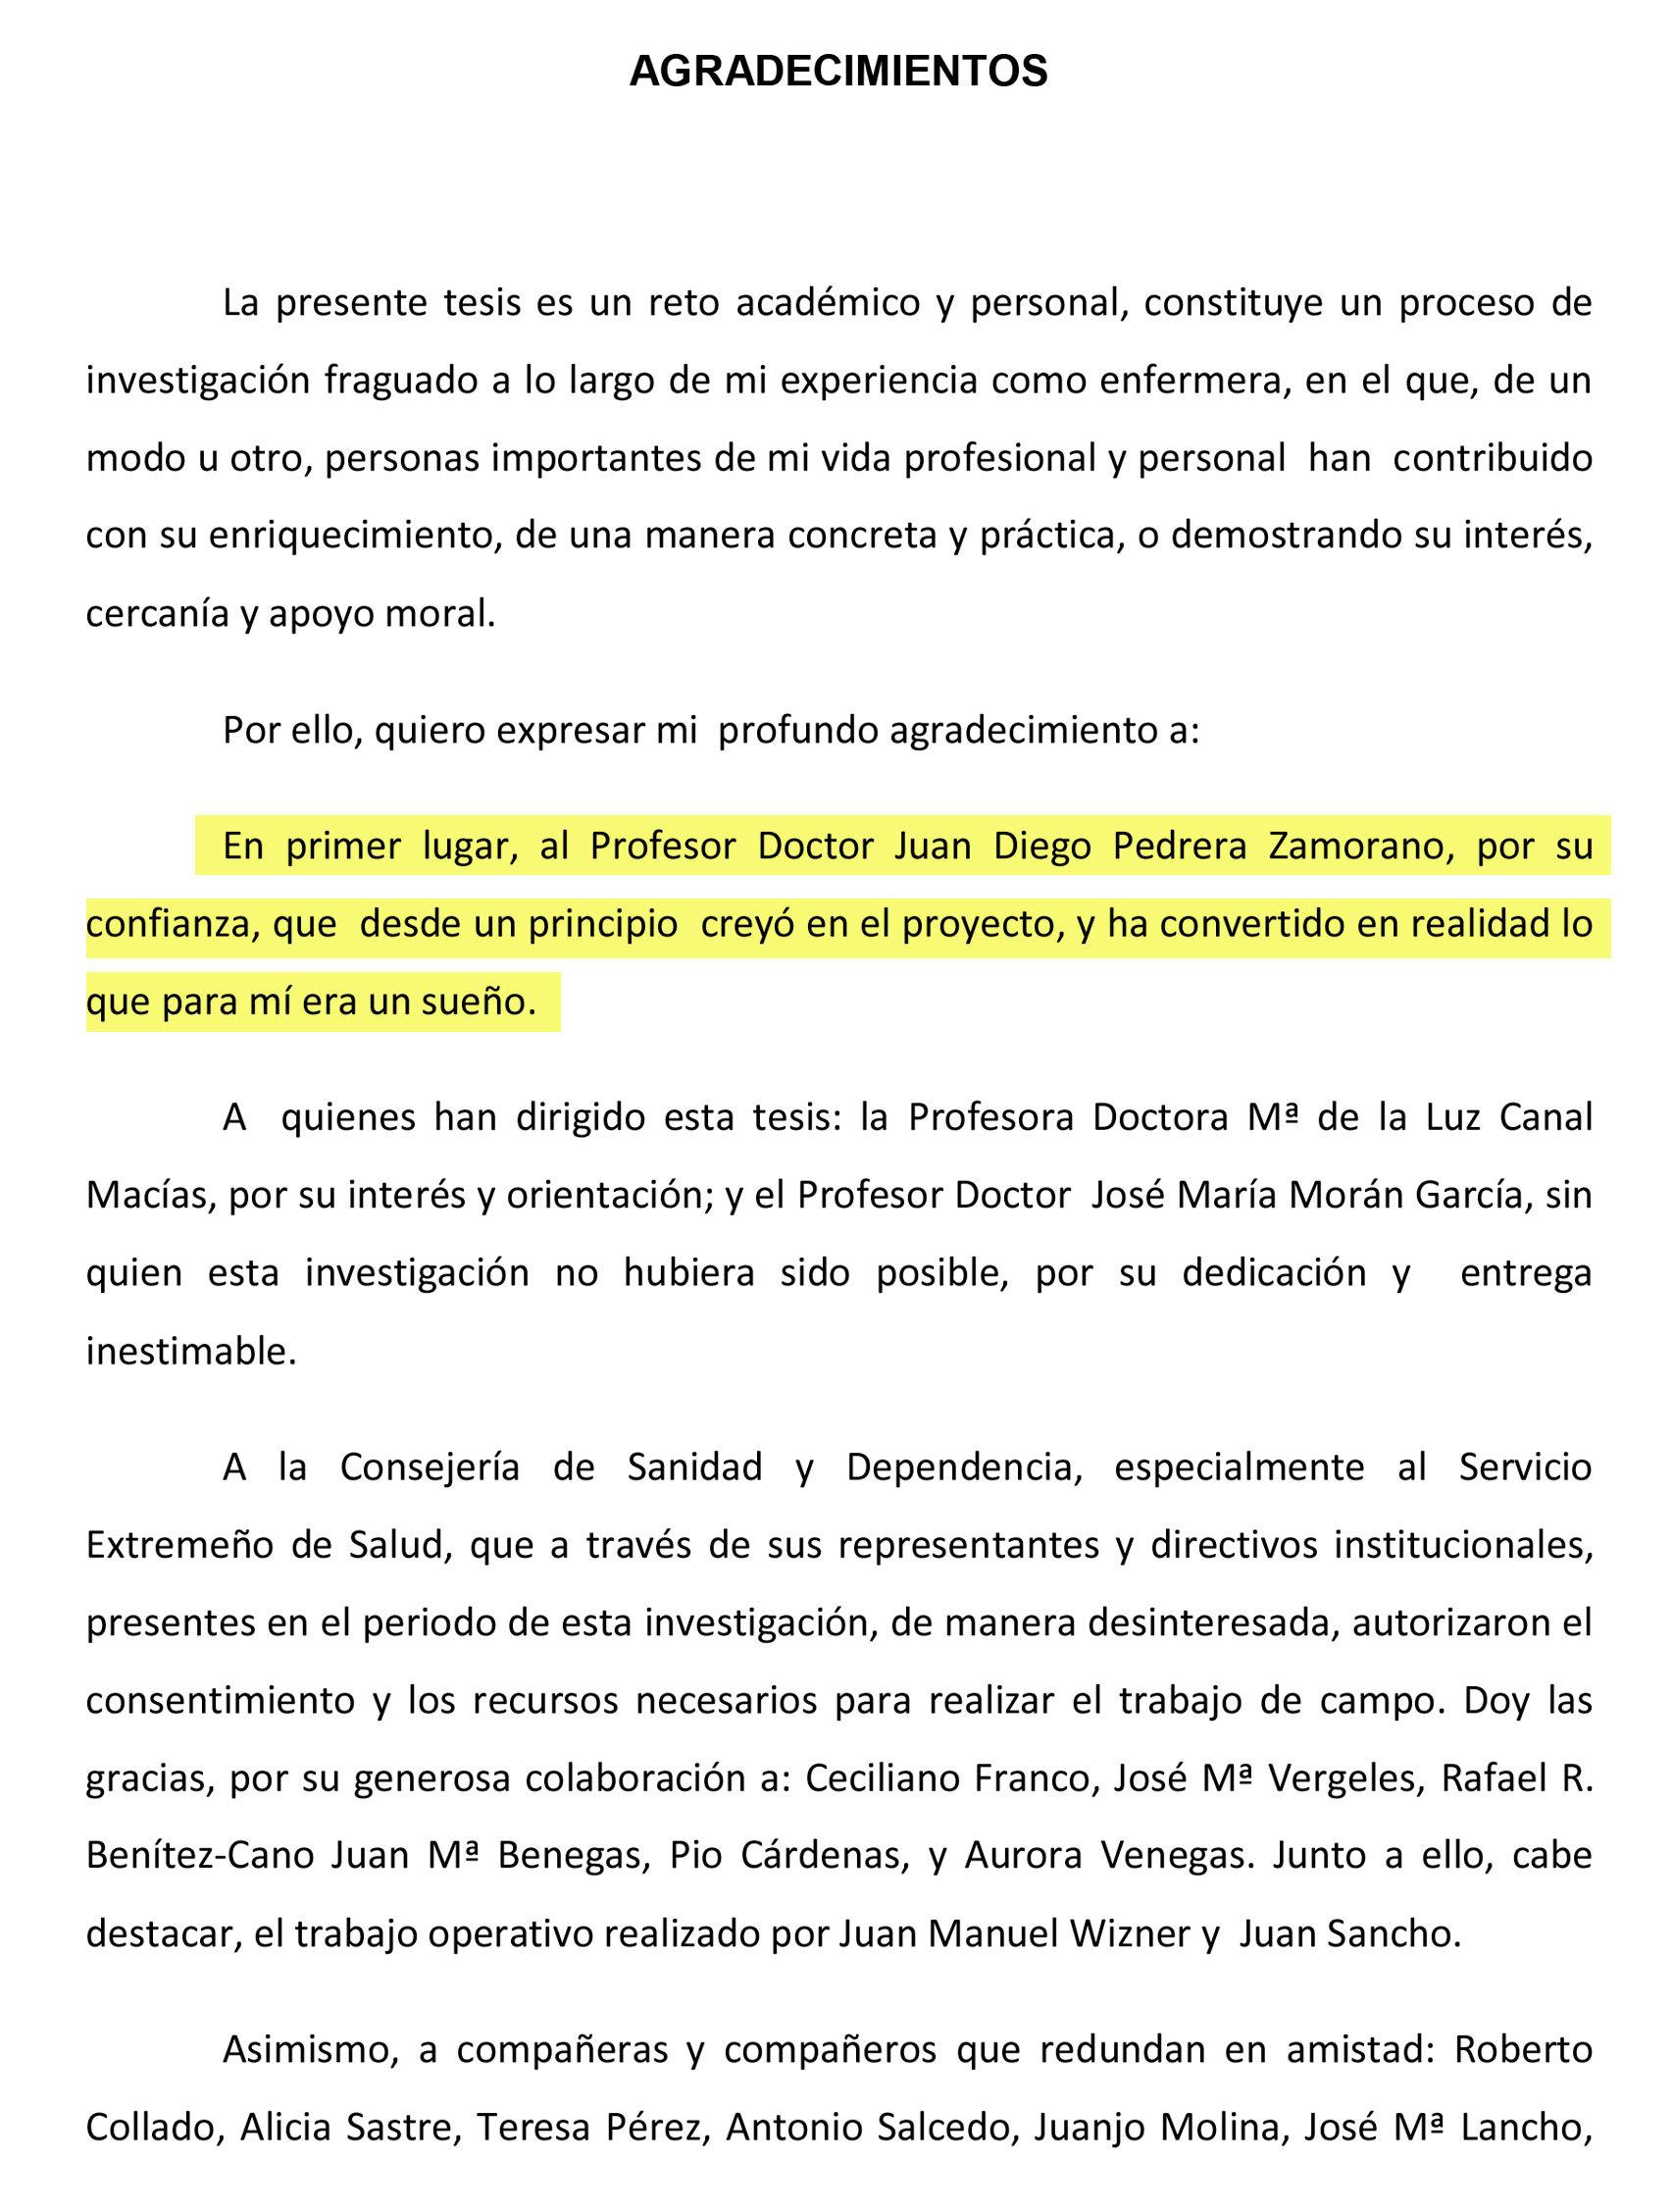 Agradecimientos en la tesis de Raquel Rodríguez Llanos